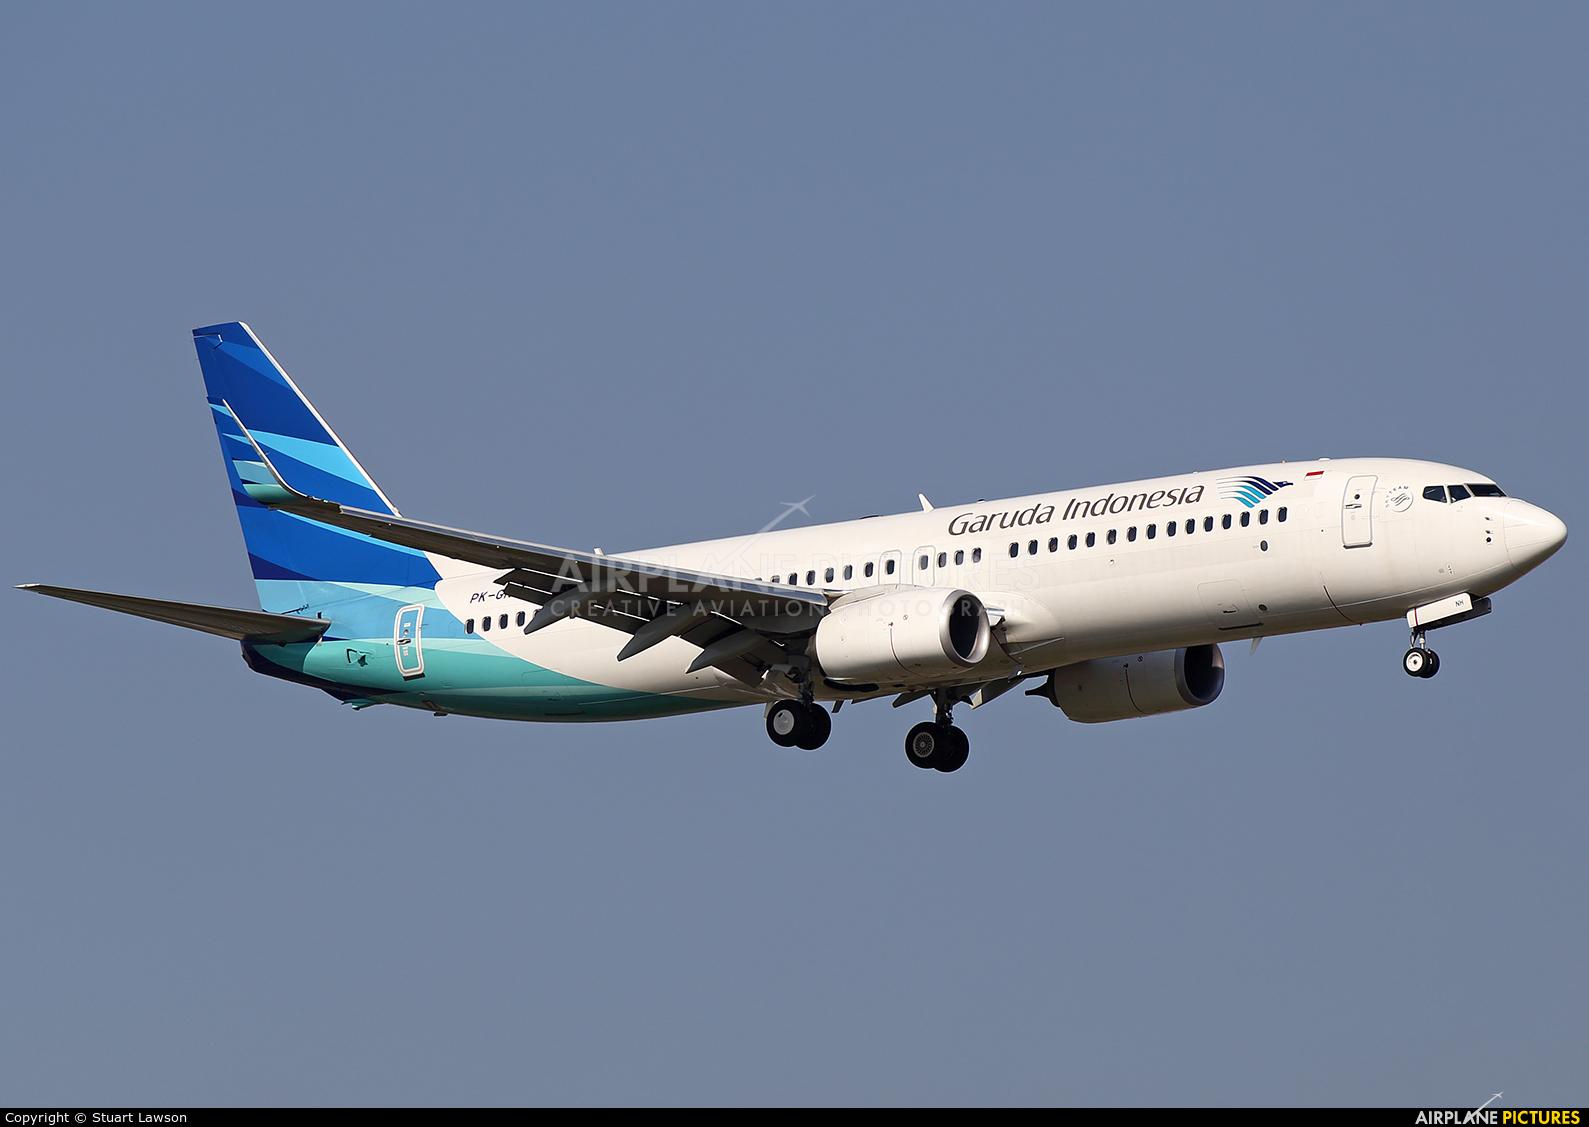 PK-GNH - Garuda Indonesia Boeing 737-800 at Bangkok ...